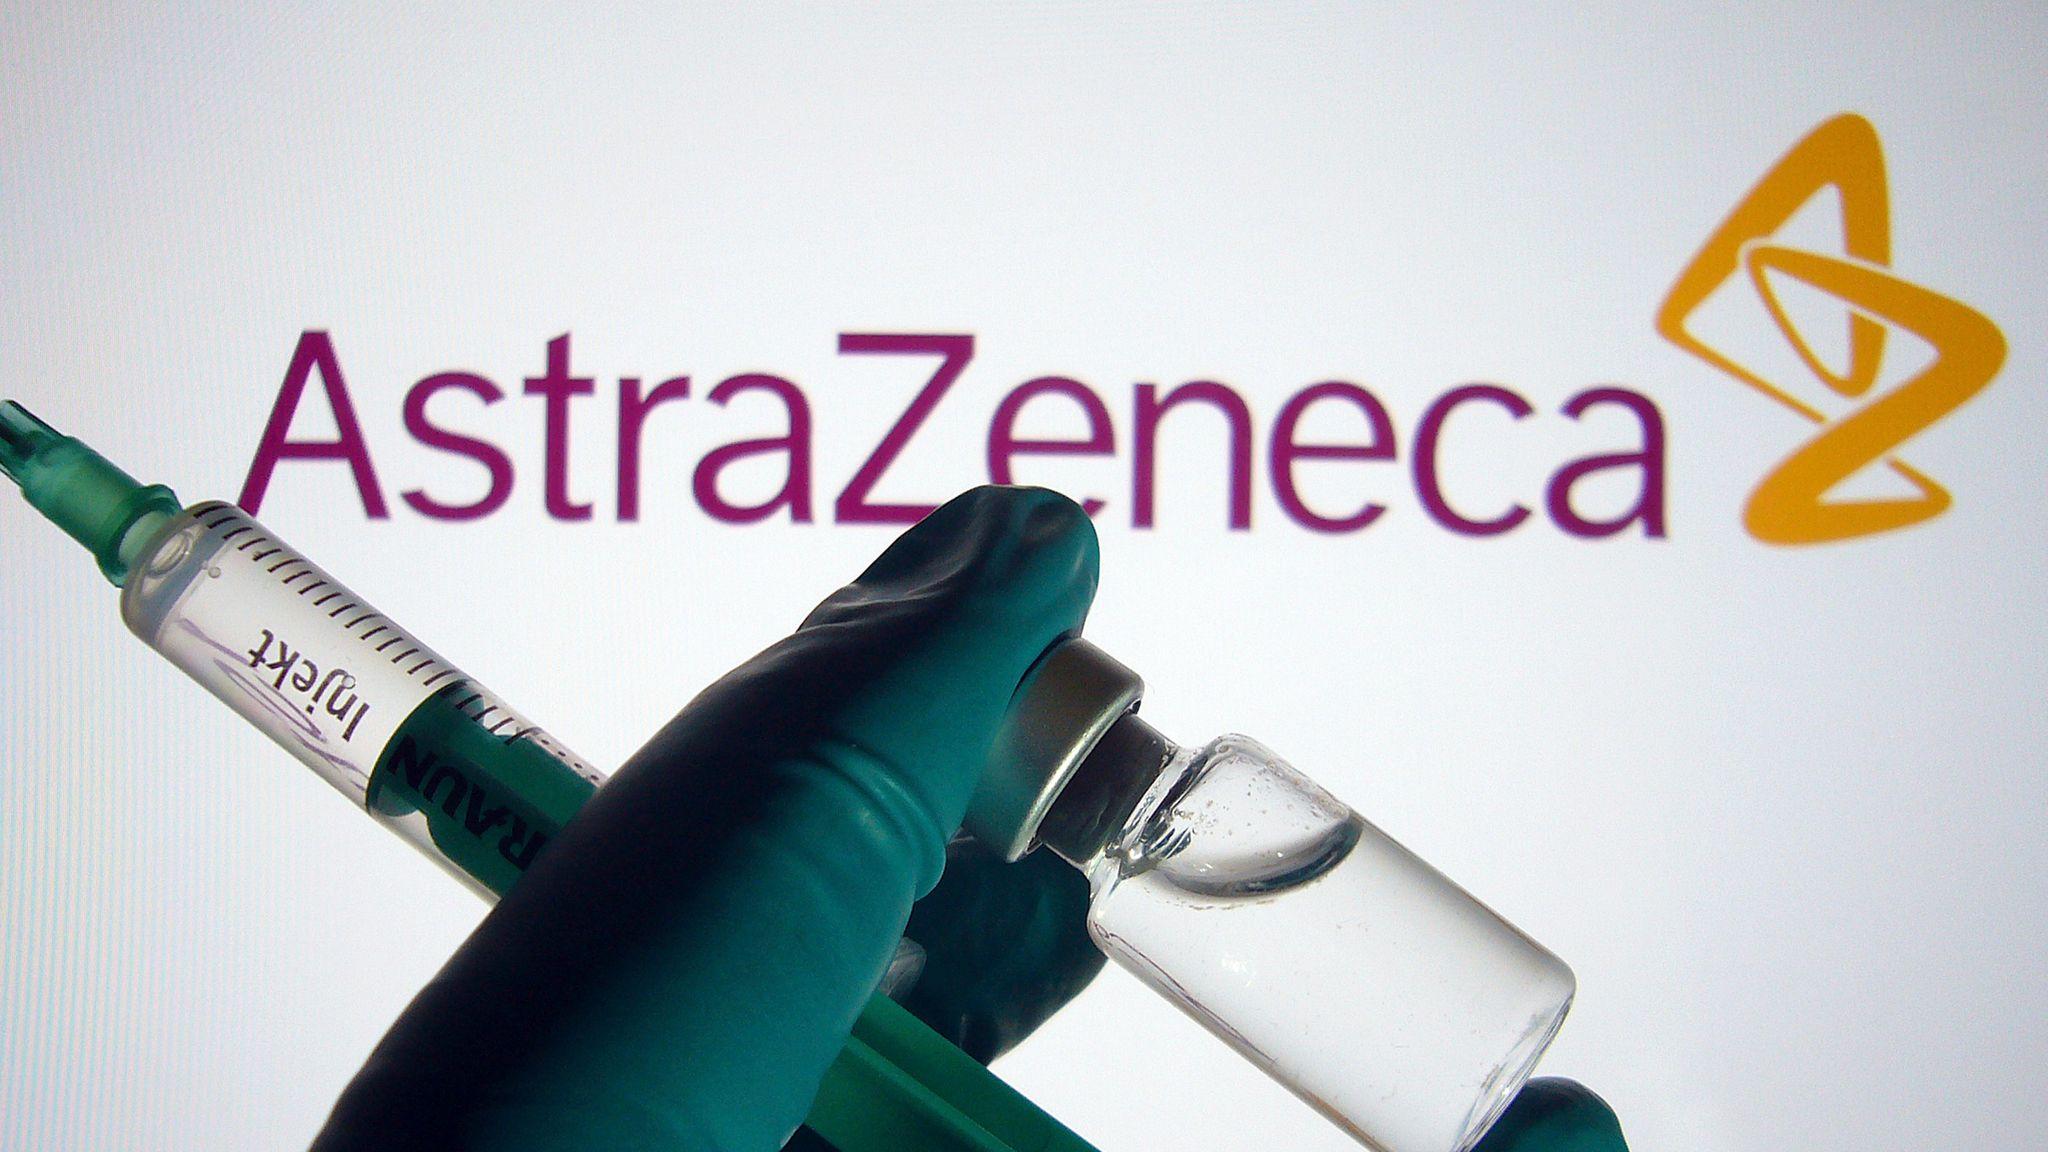 Κορωνοϊός εμβόλια: Λιγότερα από τα μισά συμφωνημένα εμβόλια θα δώσει η AstraZeneca στην ΕΕ